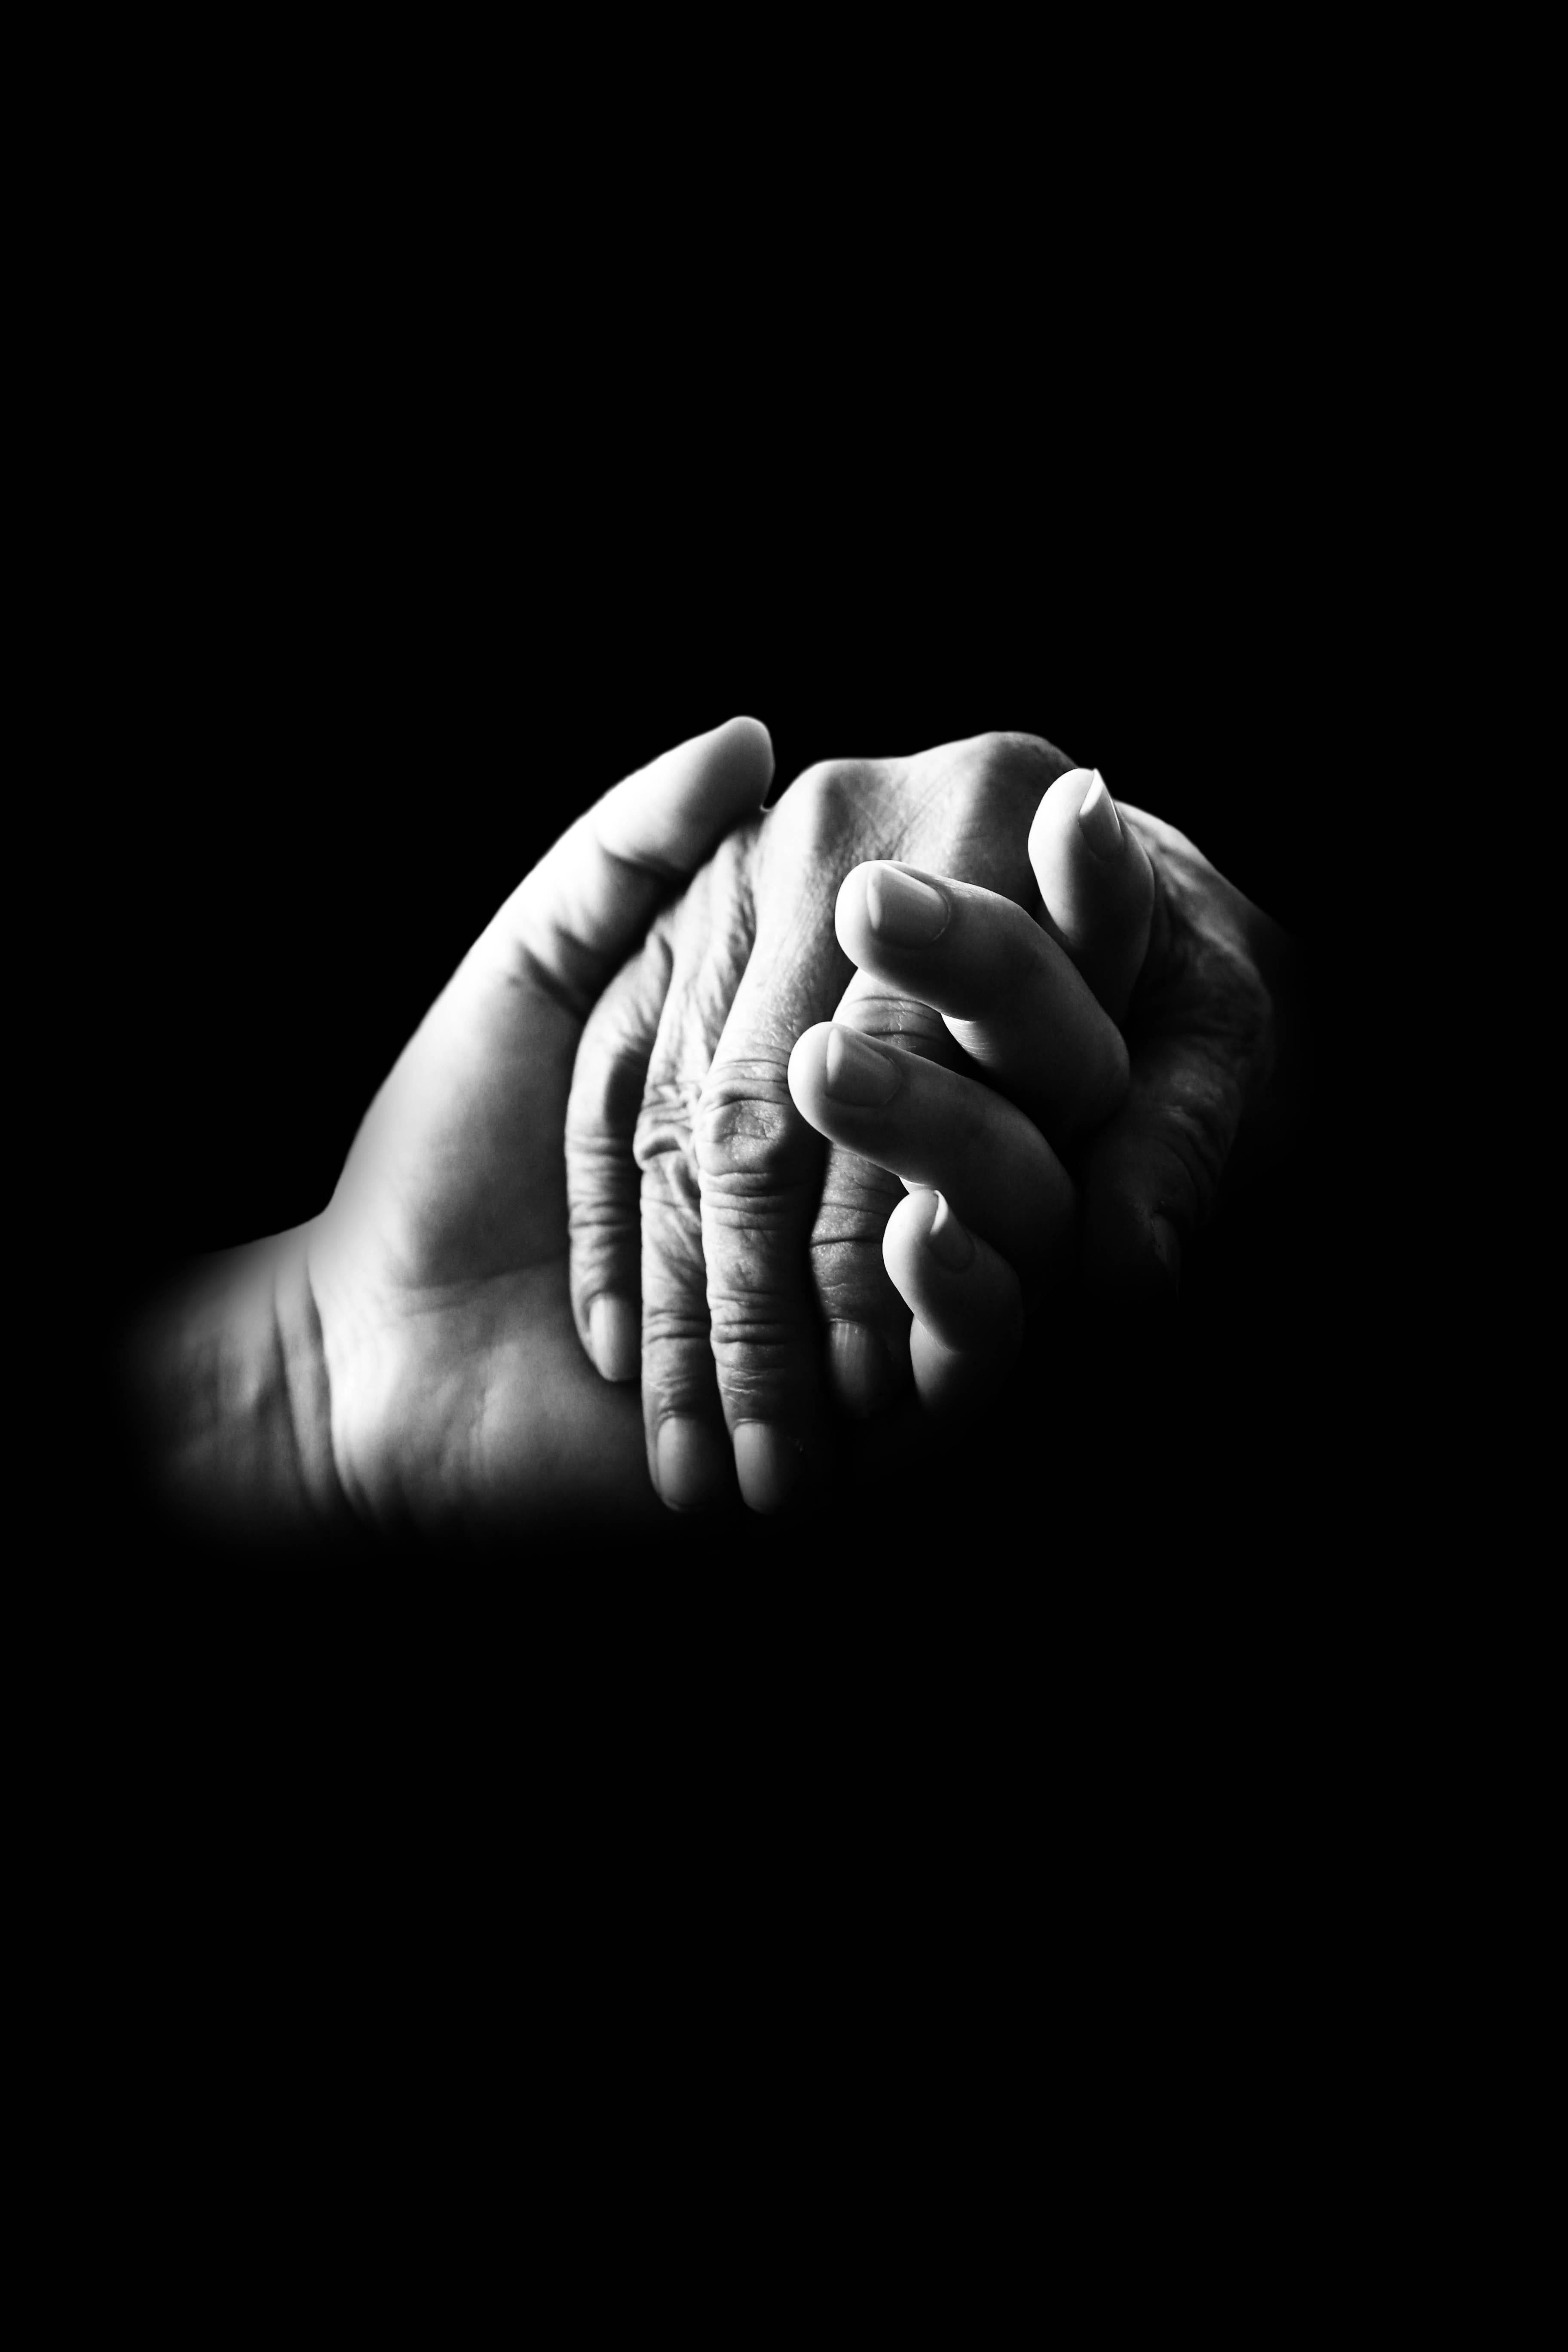 Pace Bianco E Nero immagini belle : mano, uomo, bianco e nero, persone, donna